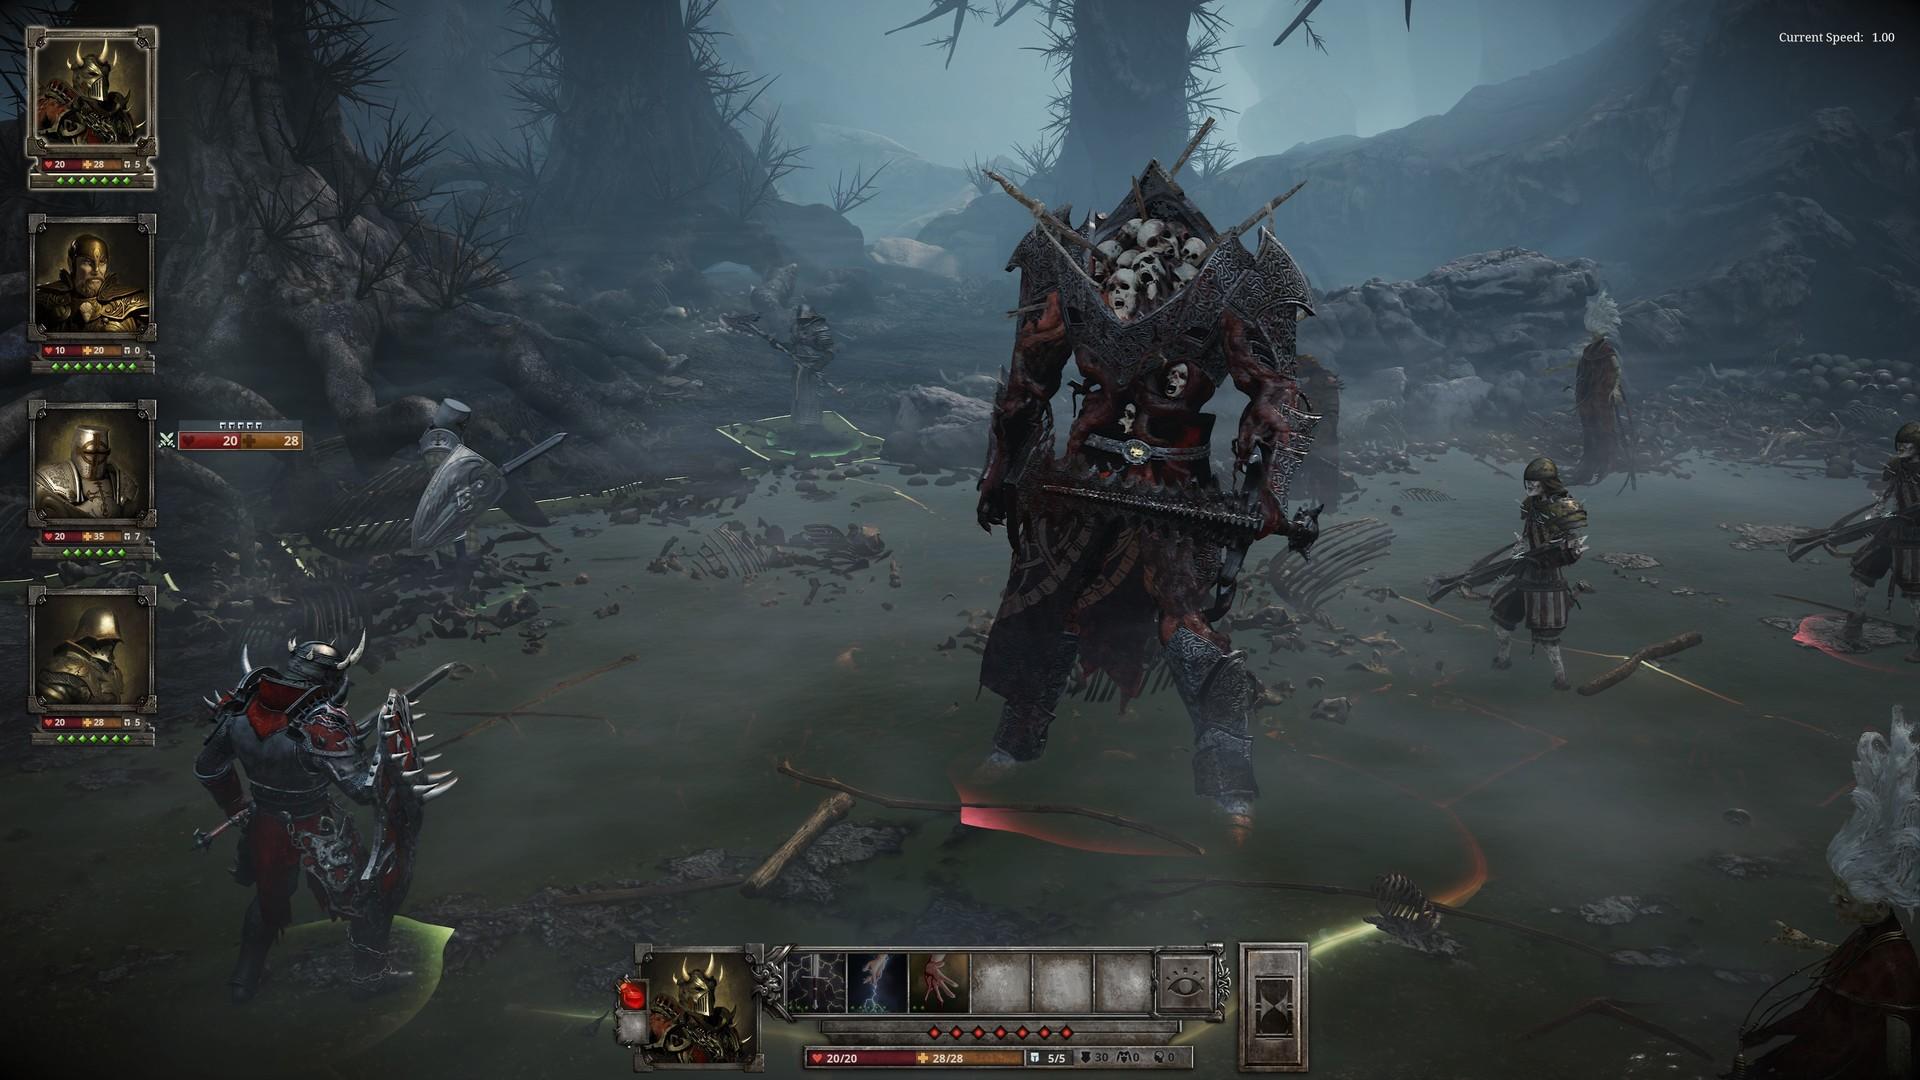 King Arthur - Knight's Tale